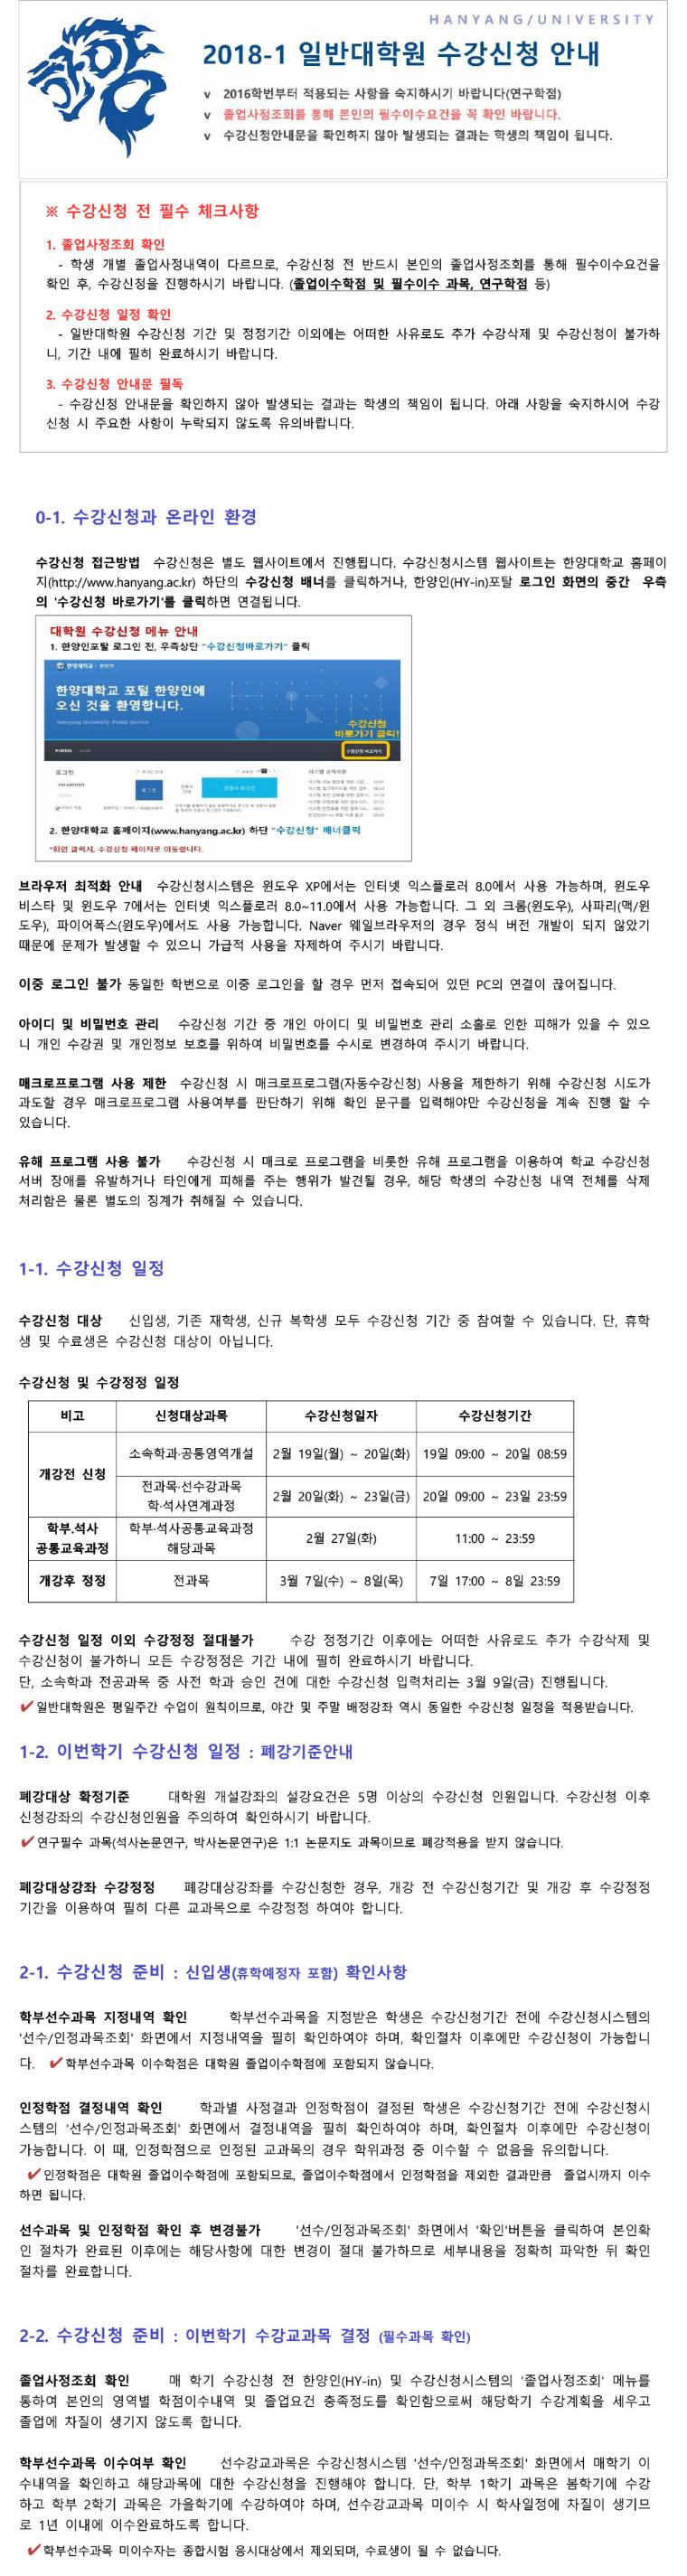 2018-1 수강신청안내문-1.jpg